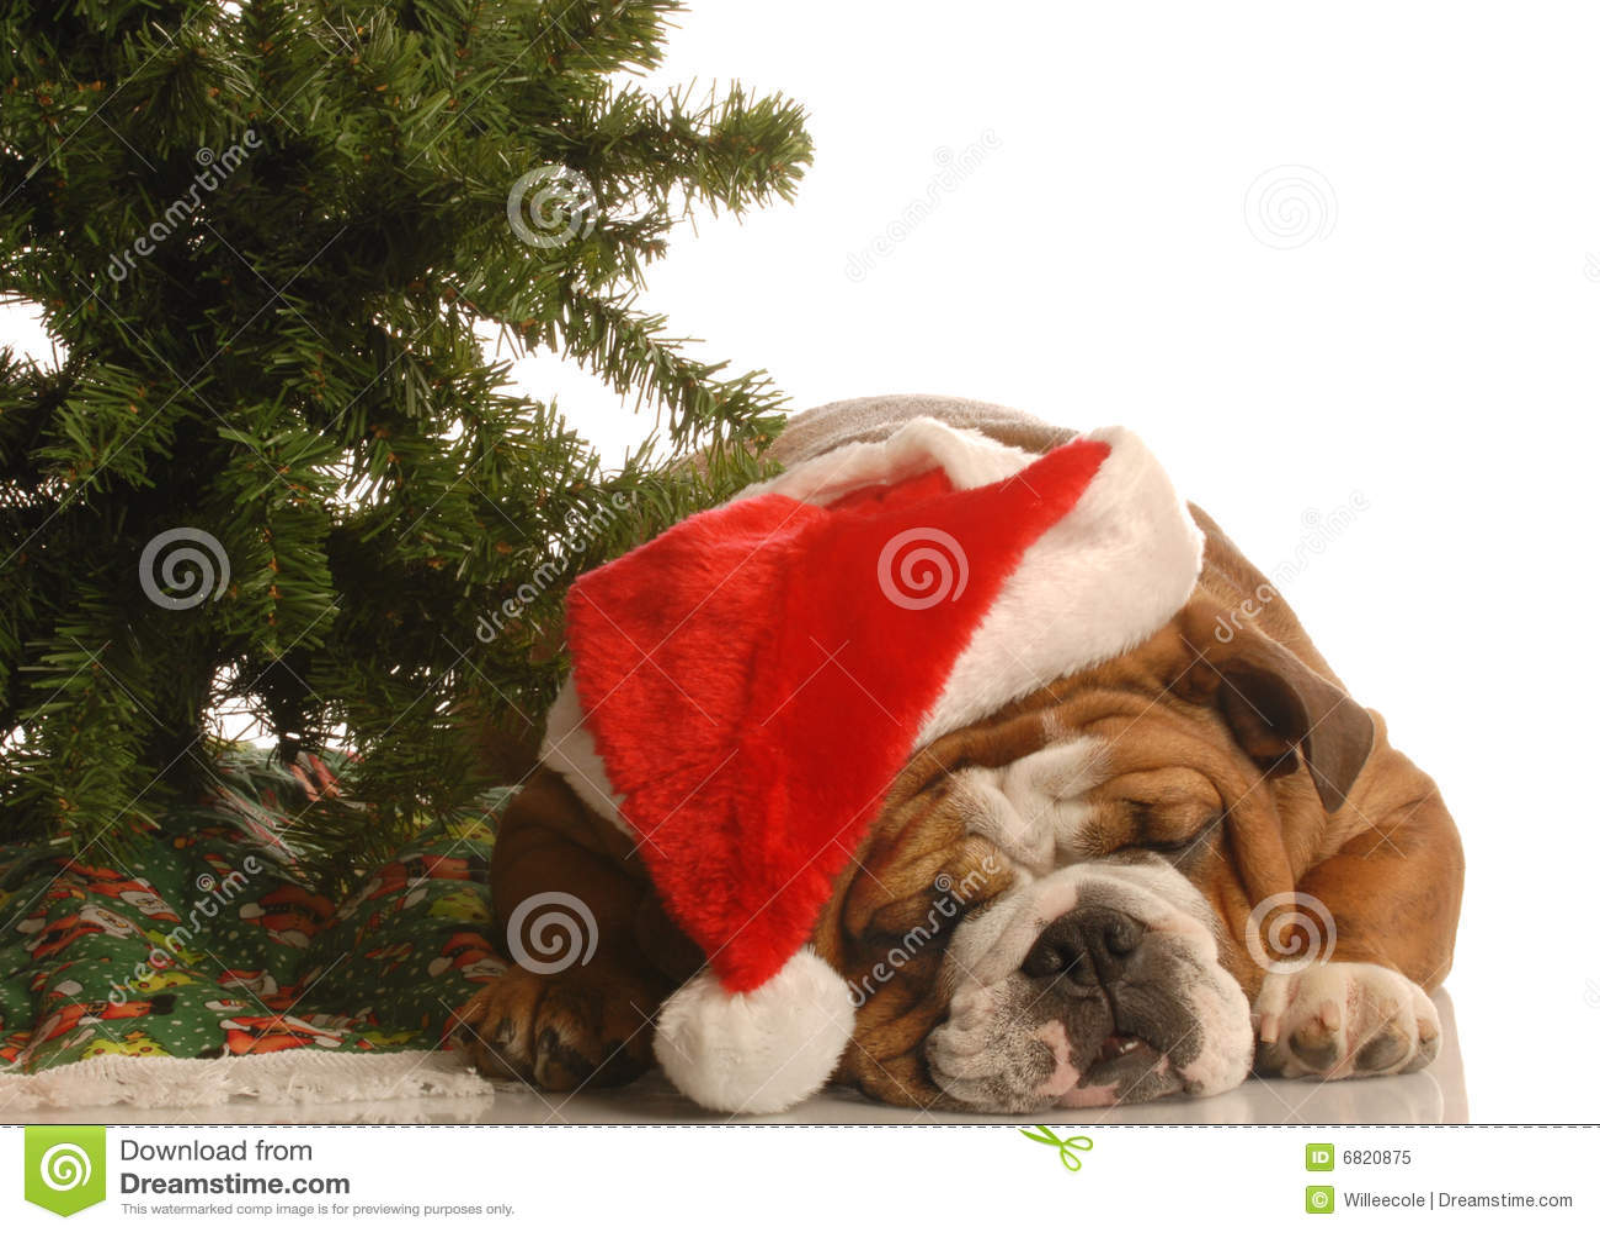 englische bulldogge am weihnachten lizenzfreies stockfoto. Black Bedroom Furniture Sets. Home Design Ideas